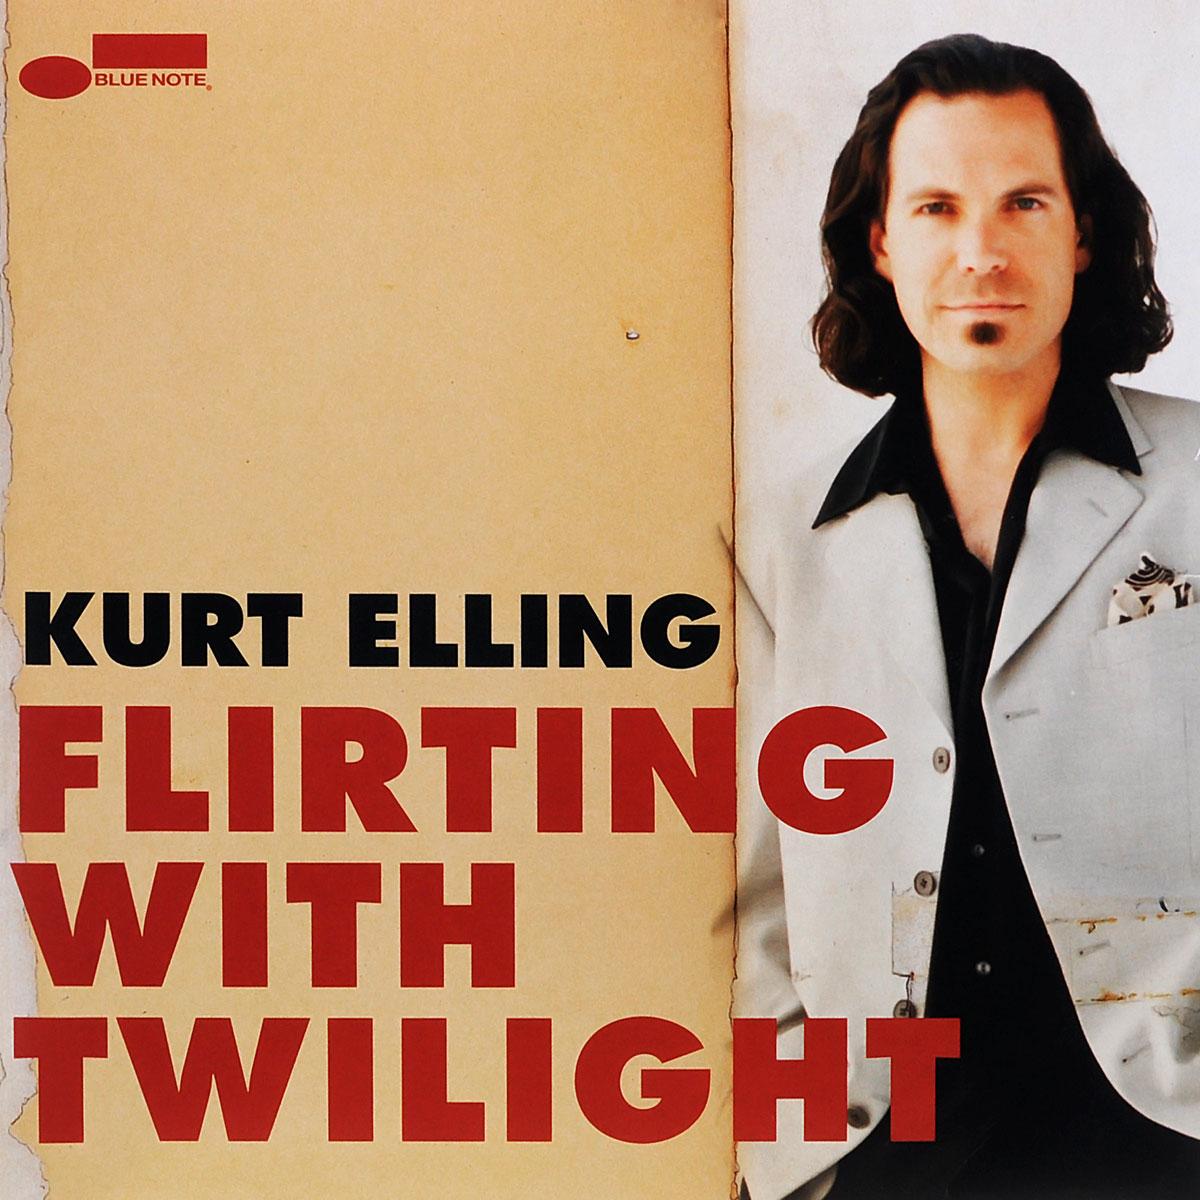 Курт Эллинг Kurt Elling. Flirting With Twilight (2 LP) ботфорты carvela kurt geiger carvela kurt geiger ca086awltl30